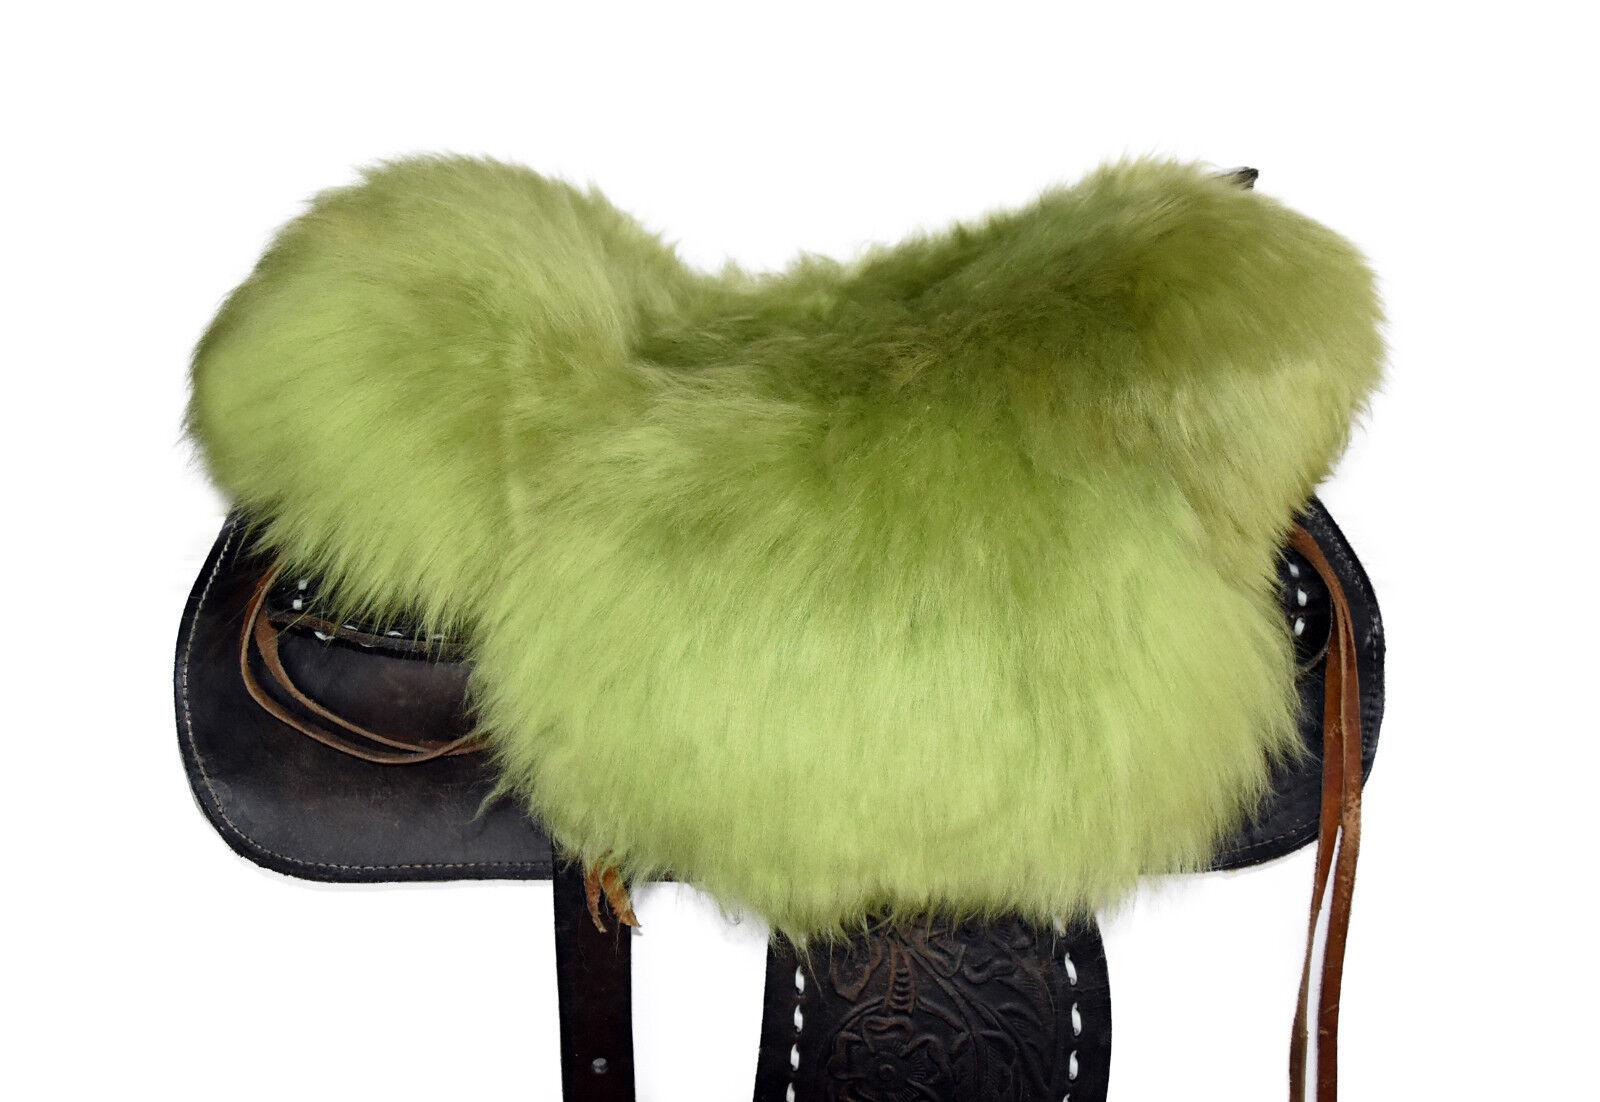 Agnello SELLA EDIZIONE Western Sella Lammfell riferimento saddle pad SEAT saver s345